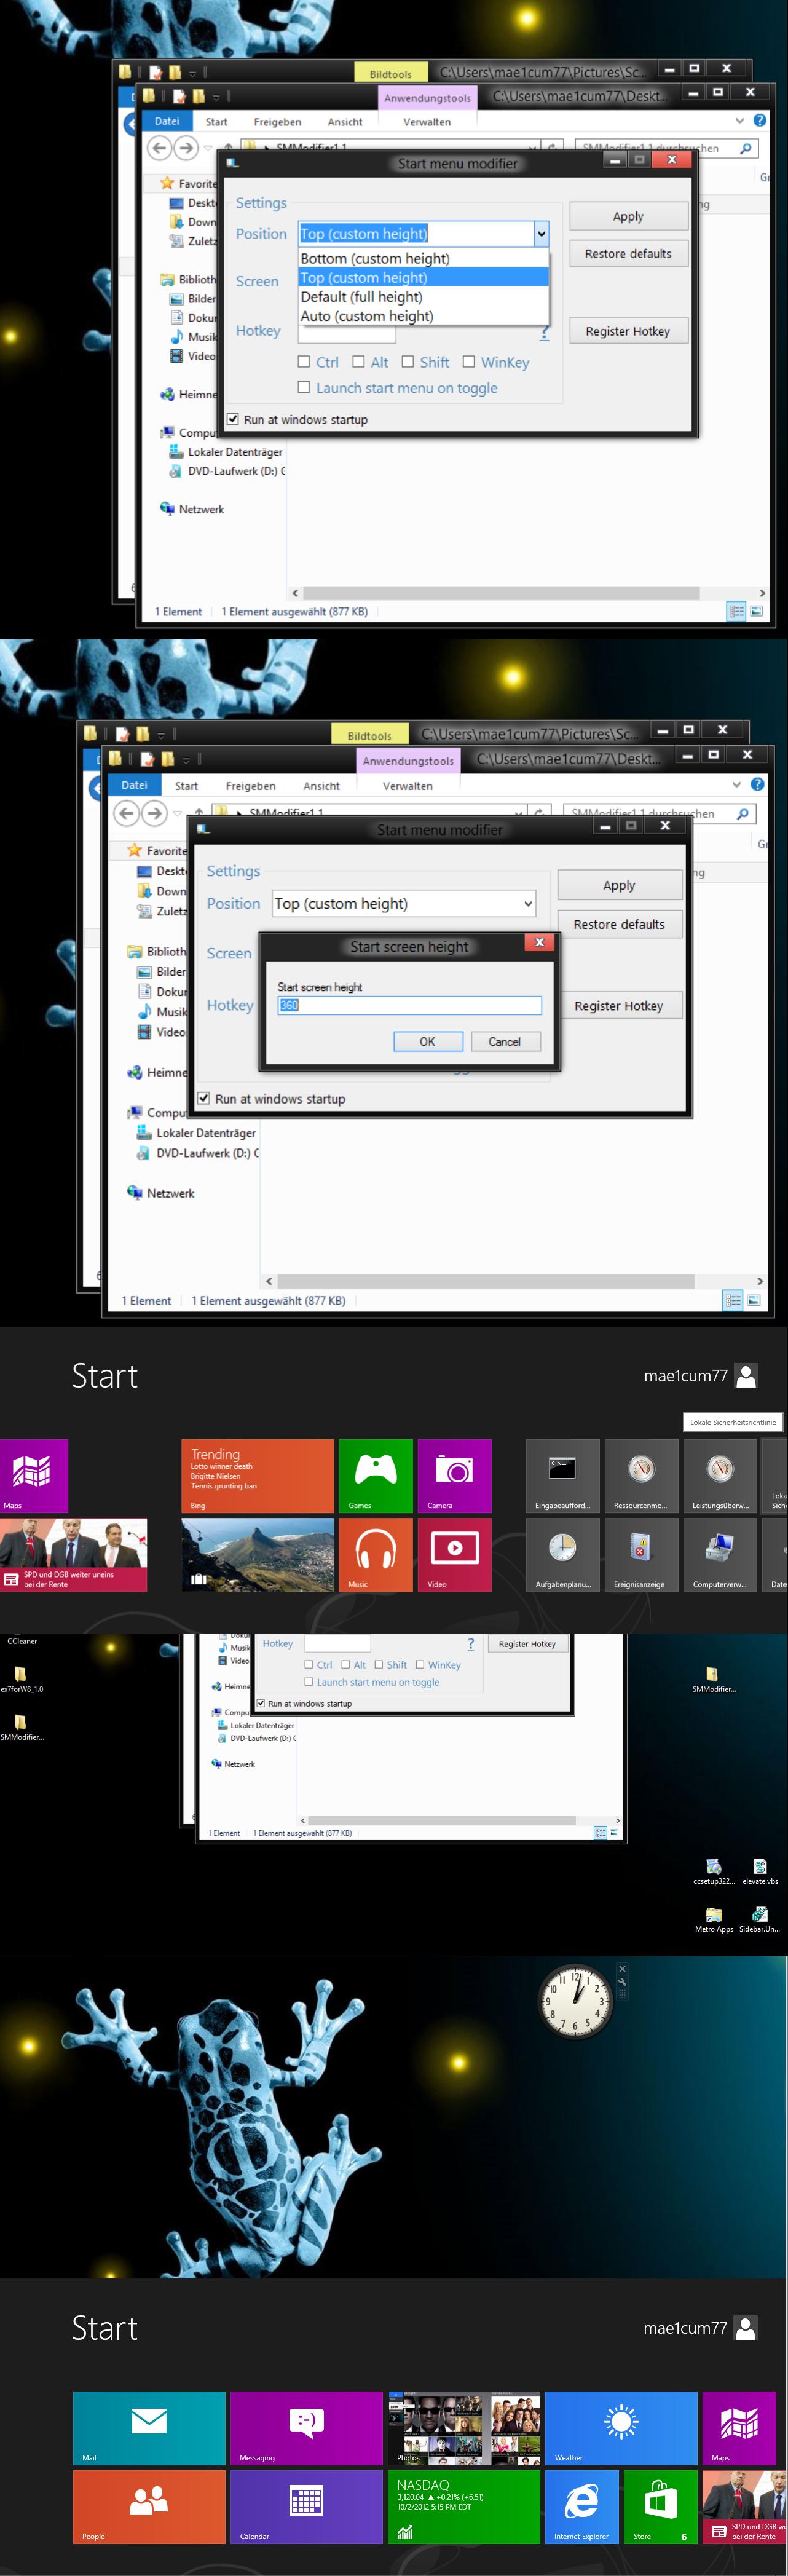 desktop.startscreen.#all.PNG